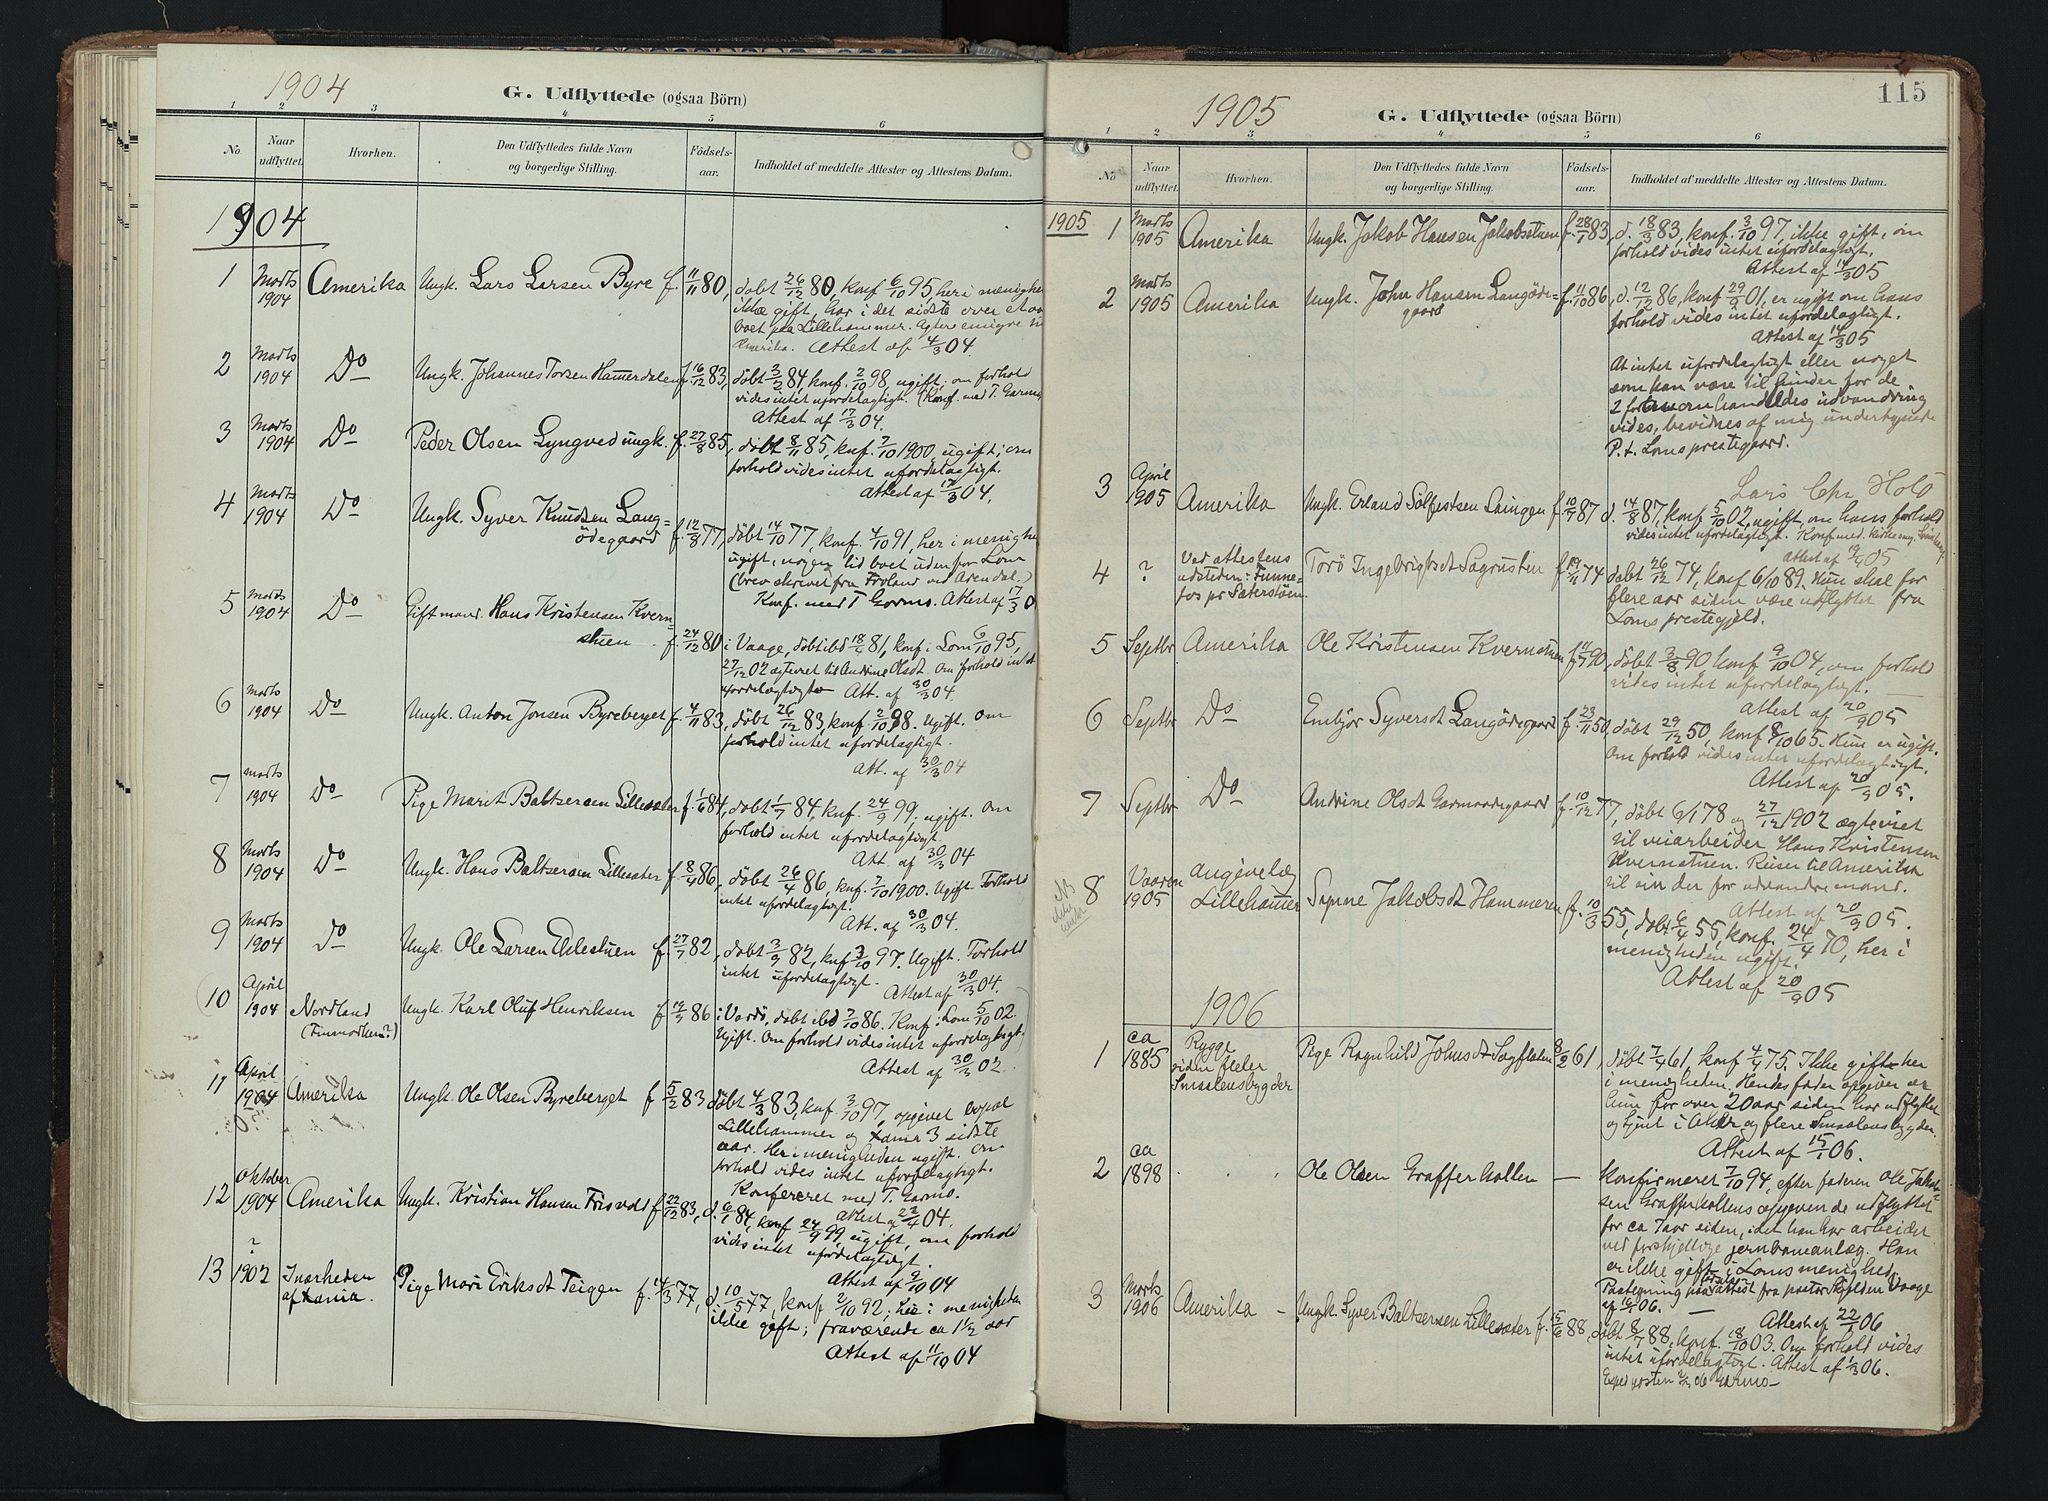 SAH, Lom prestekontor, K/L0011: Ministerialbok nr. 11, 1904-1928, s. 115